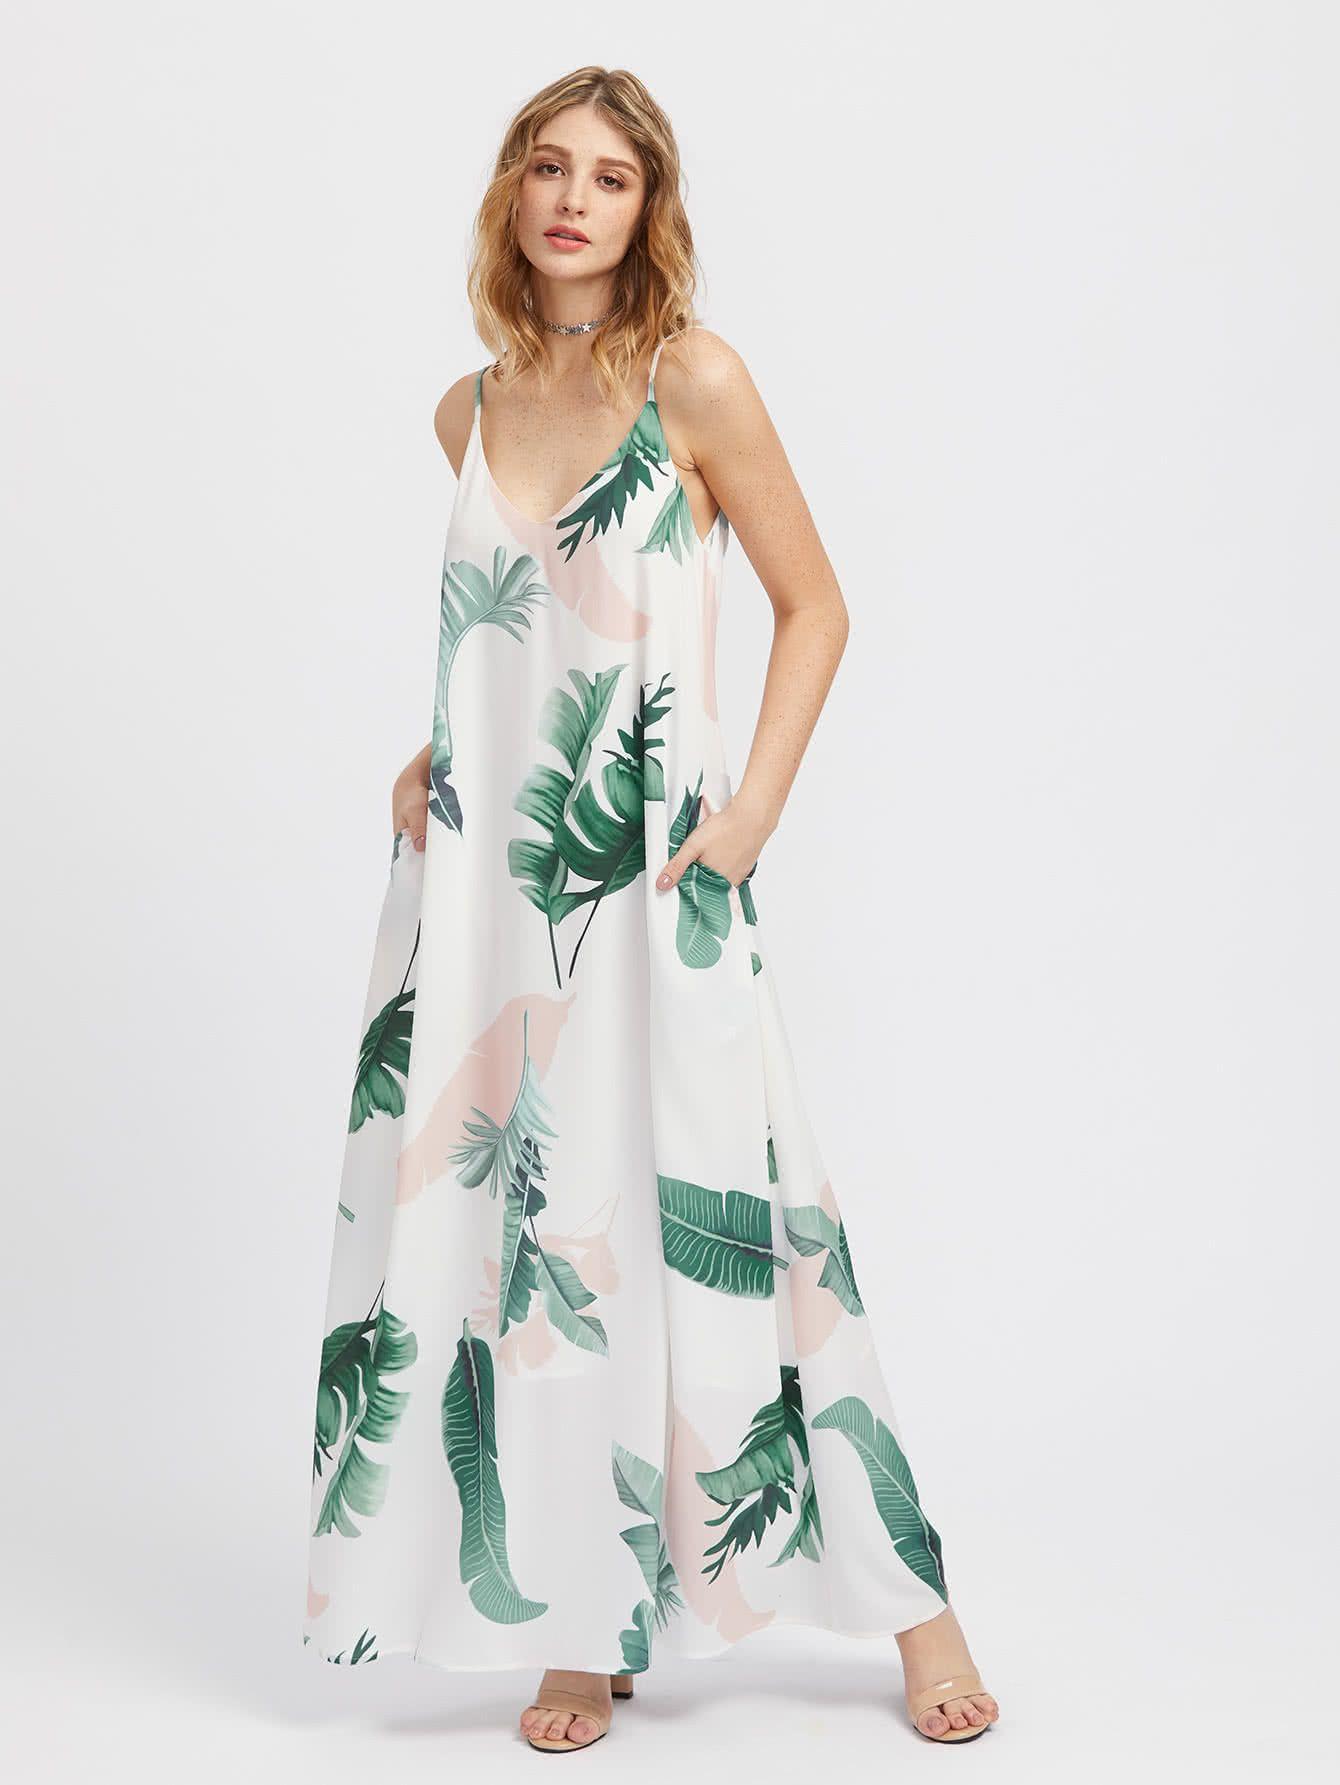 Jungle Leaf Print Hidden Pocket Side Cami Dress Shein Sheinside Maxi Dress Summer Maxi Dress Dresses [ 1785 x 1340 Pixel ]